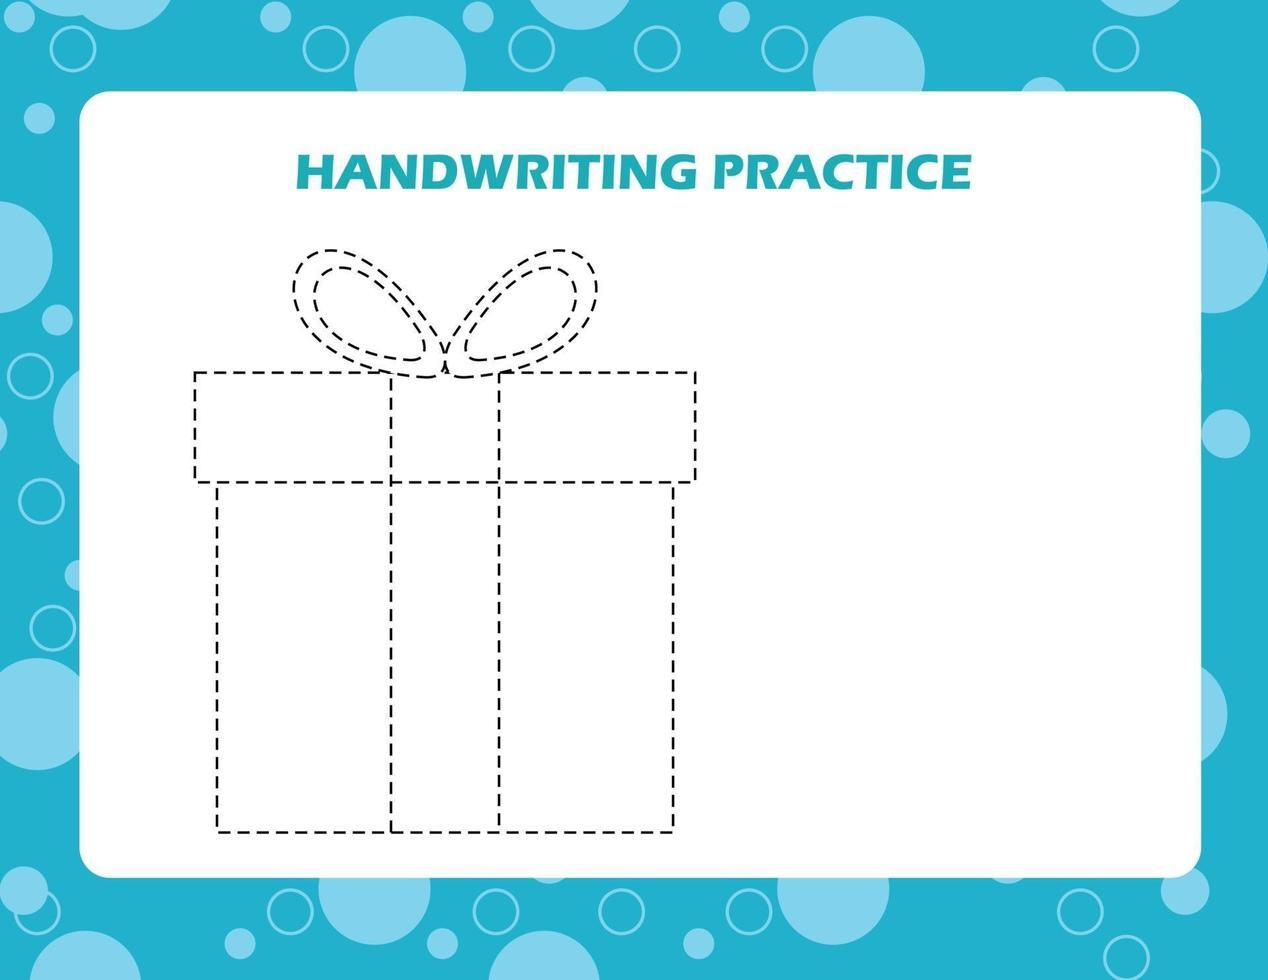 spåra linjerna med tecknad presentförpackning. skrivförmåga övning. vektor